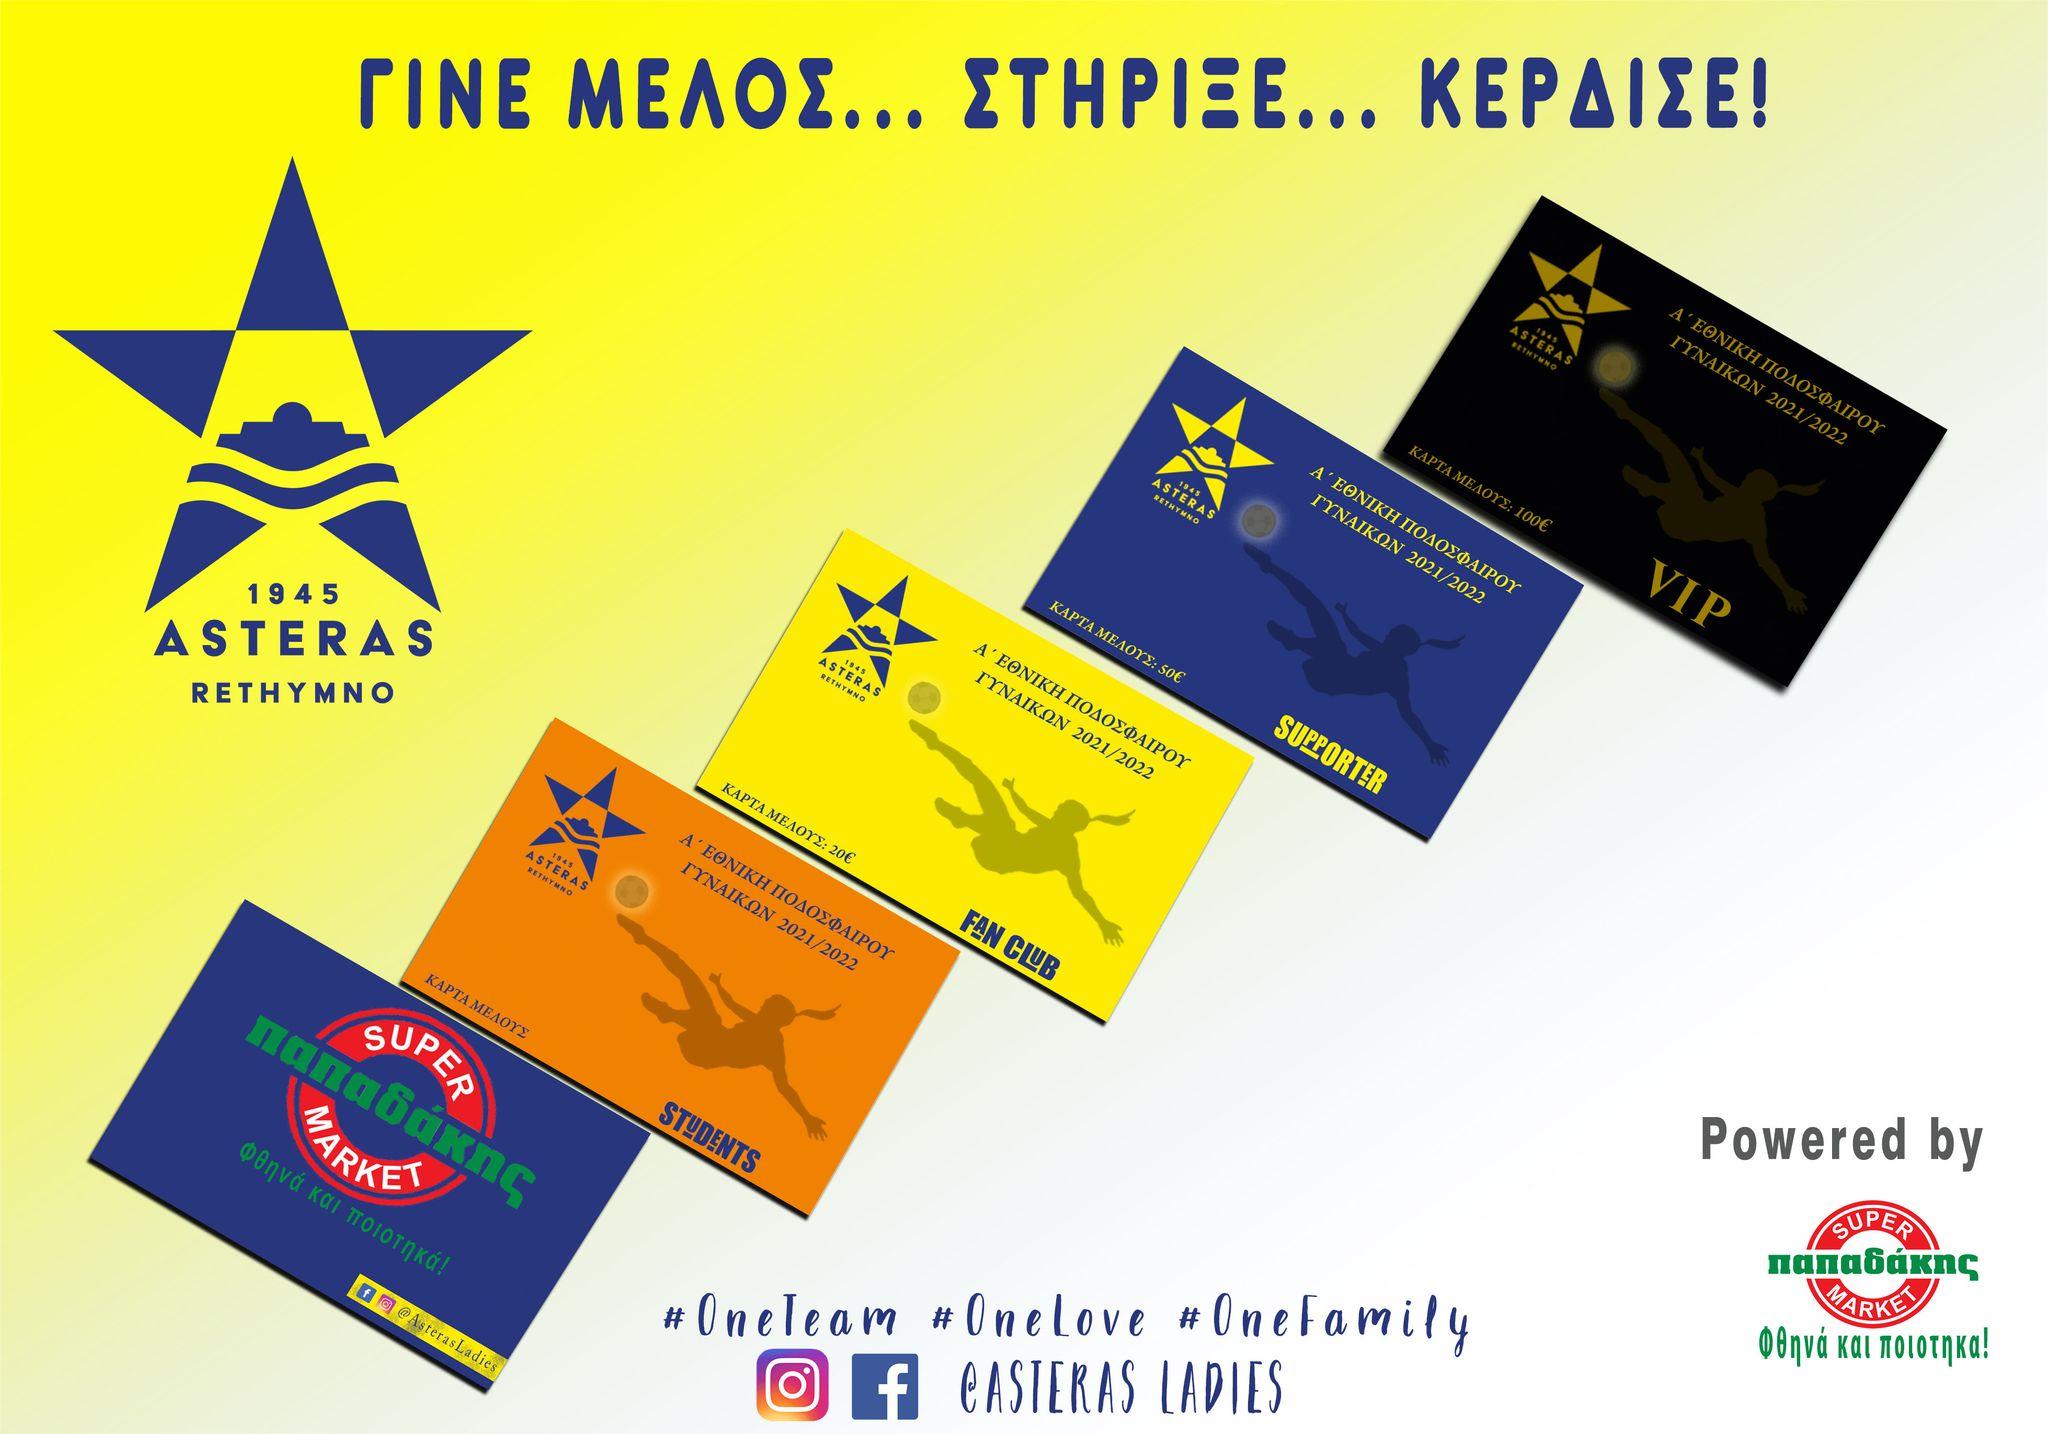 Οι κάρτες Διαρκείας του Αστέρα Ρεθύμνου στις Γυναίκες